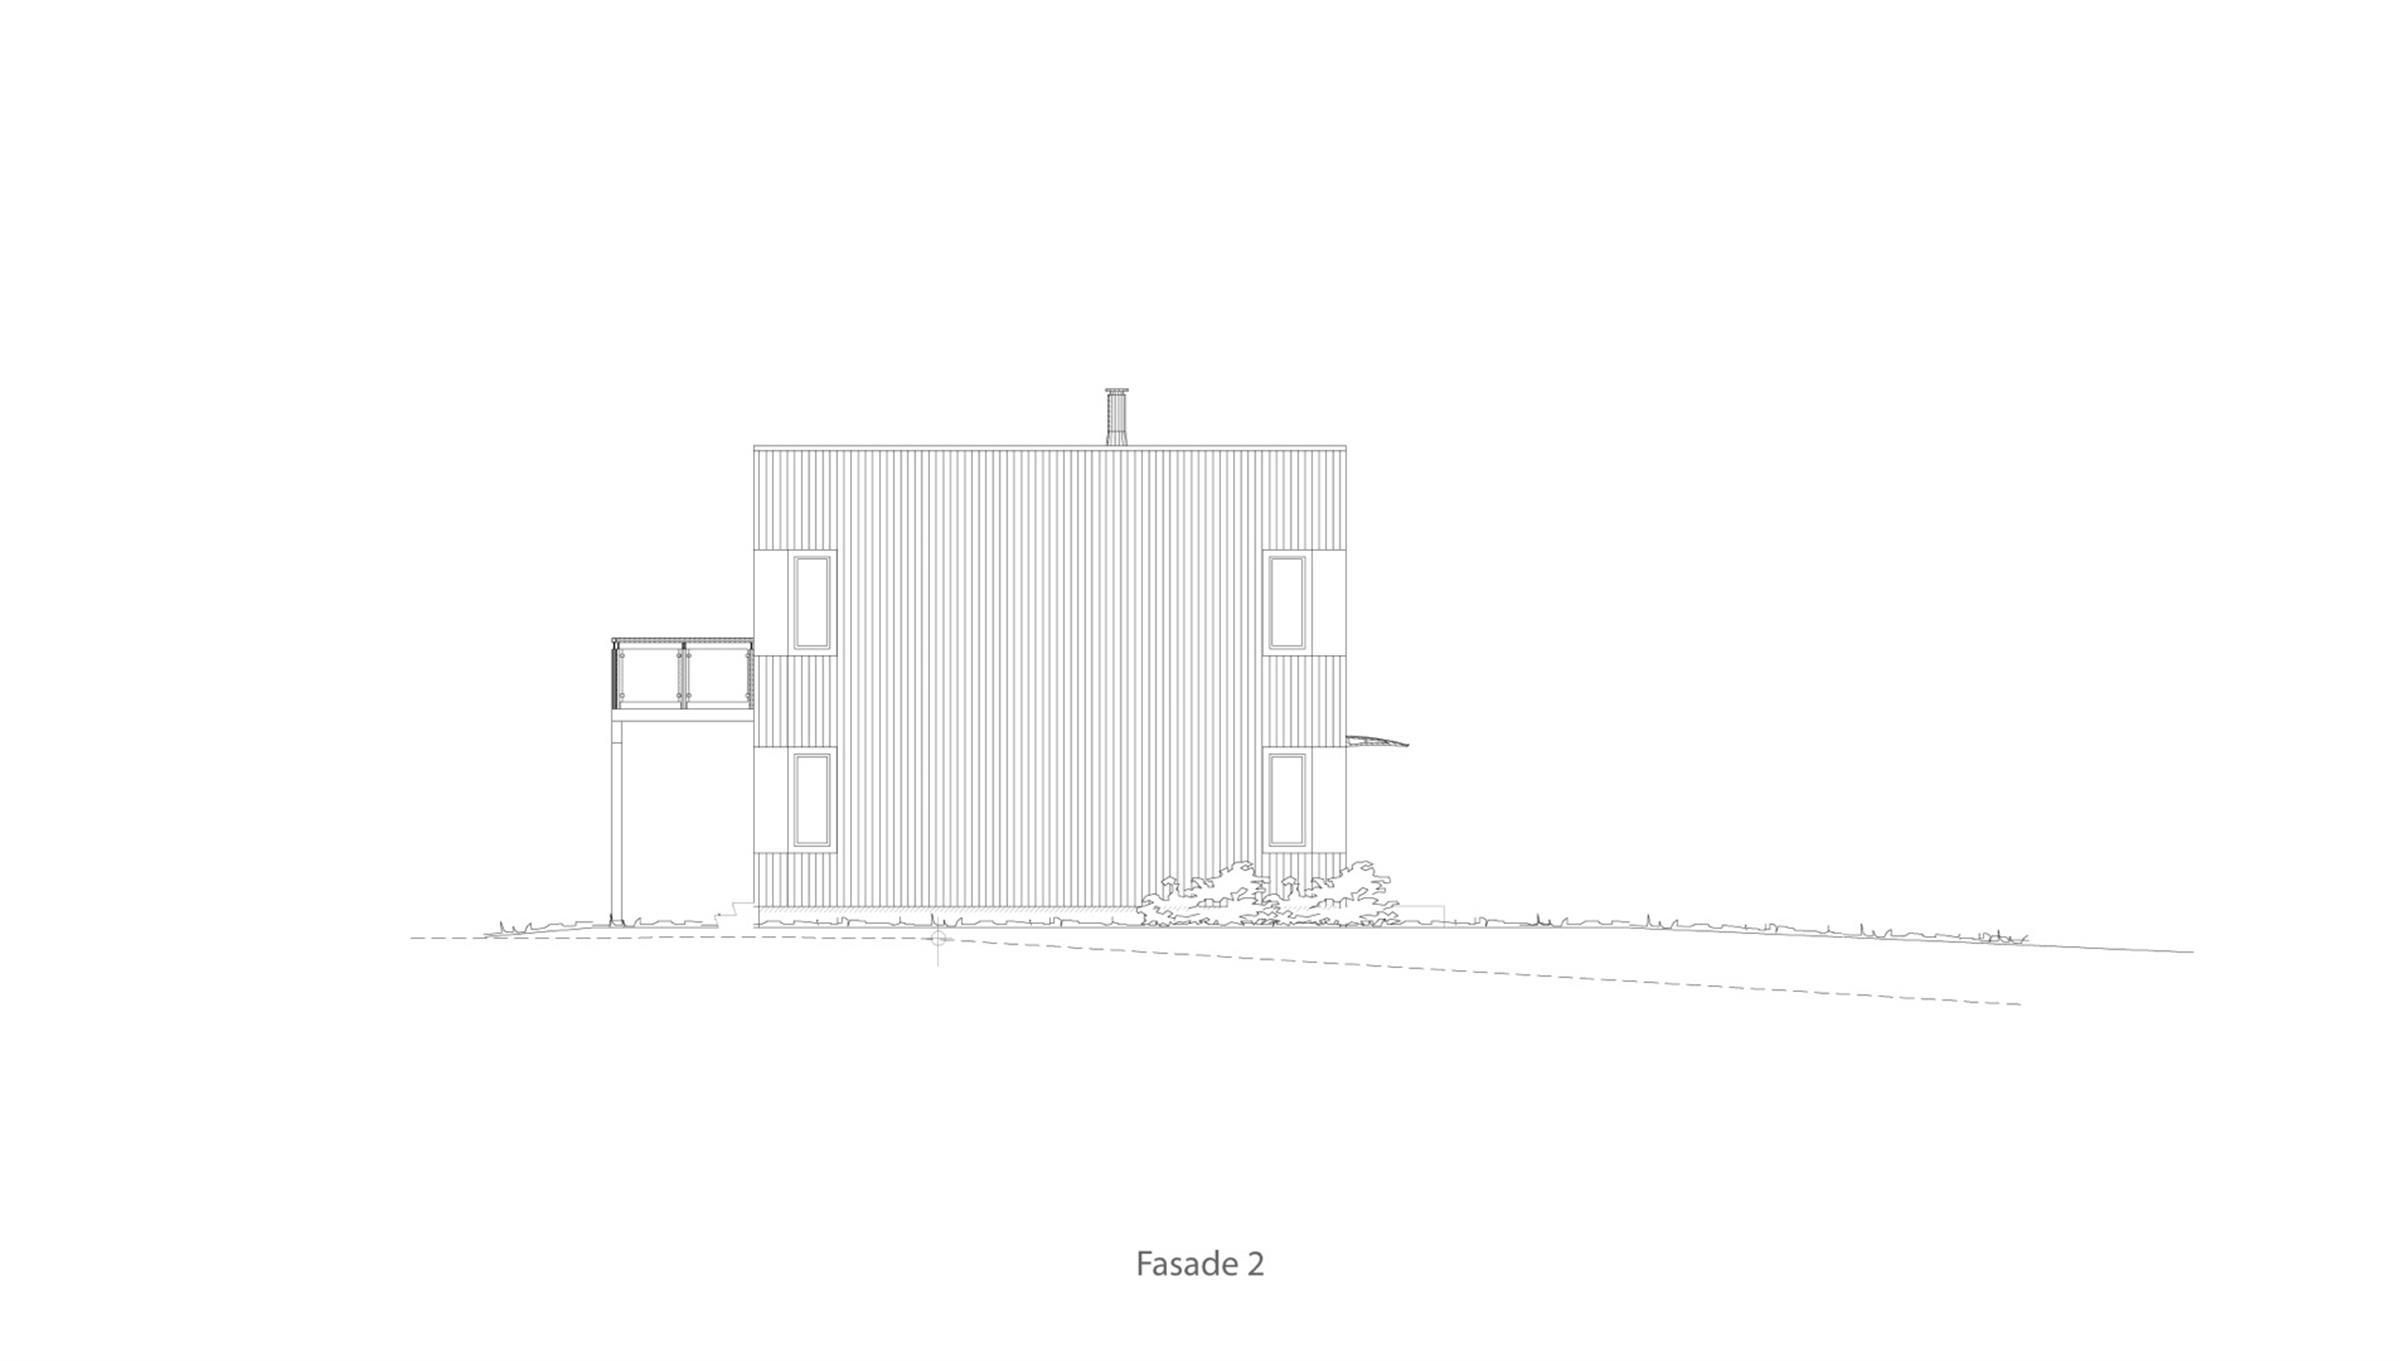 Jessheim fasade 2